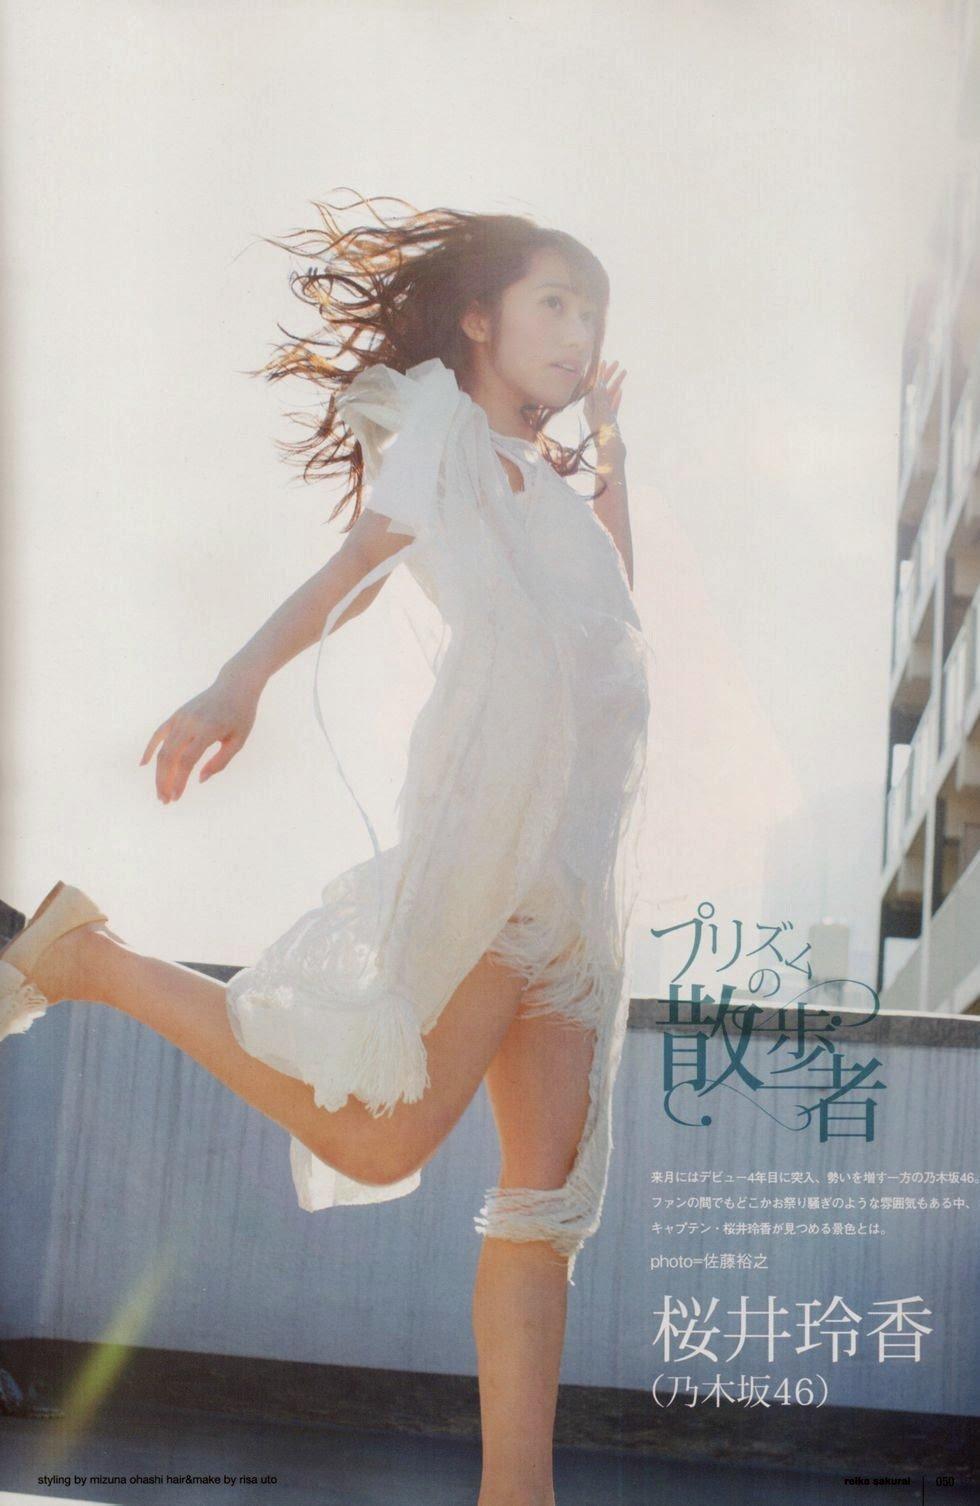 「UTB (アップ トゥ ボーイ) 2015年 03月号」桜井玲香のショートパンツグラビア